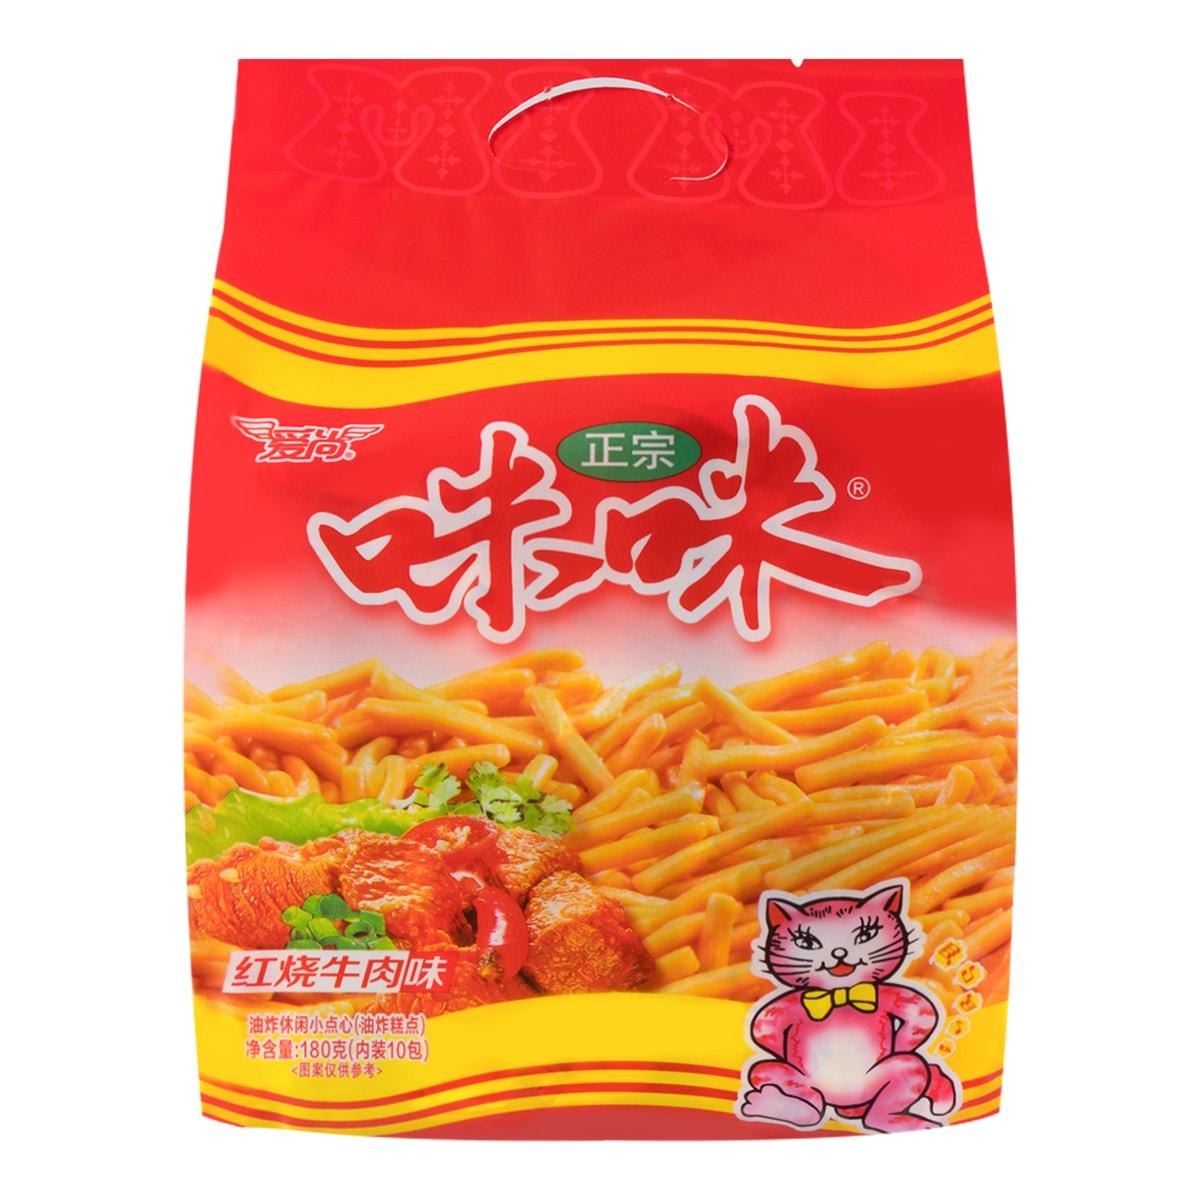 爱尚 咪咪虾条 红烧牛肉味 10袋入 180g